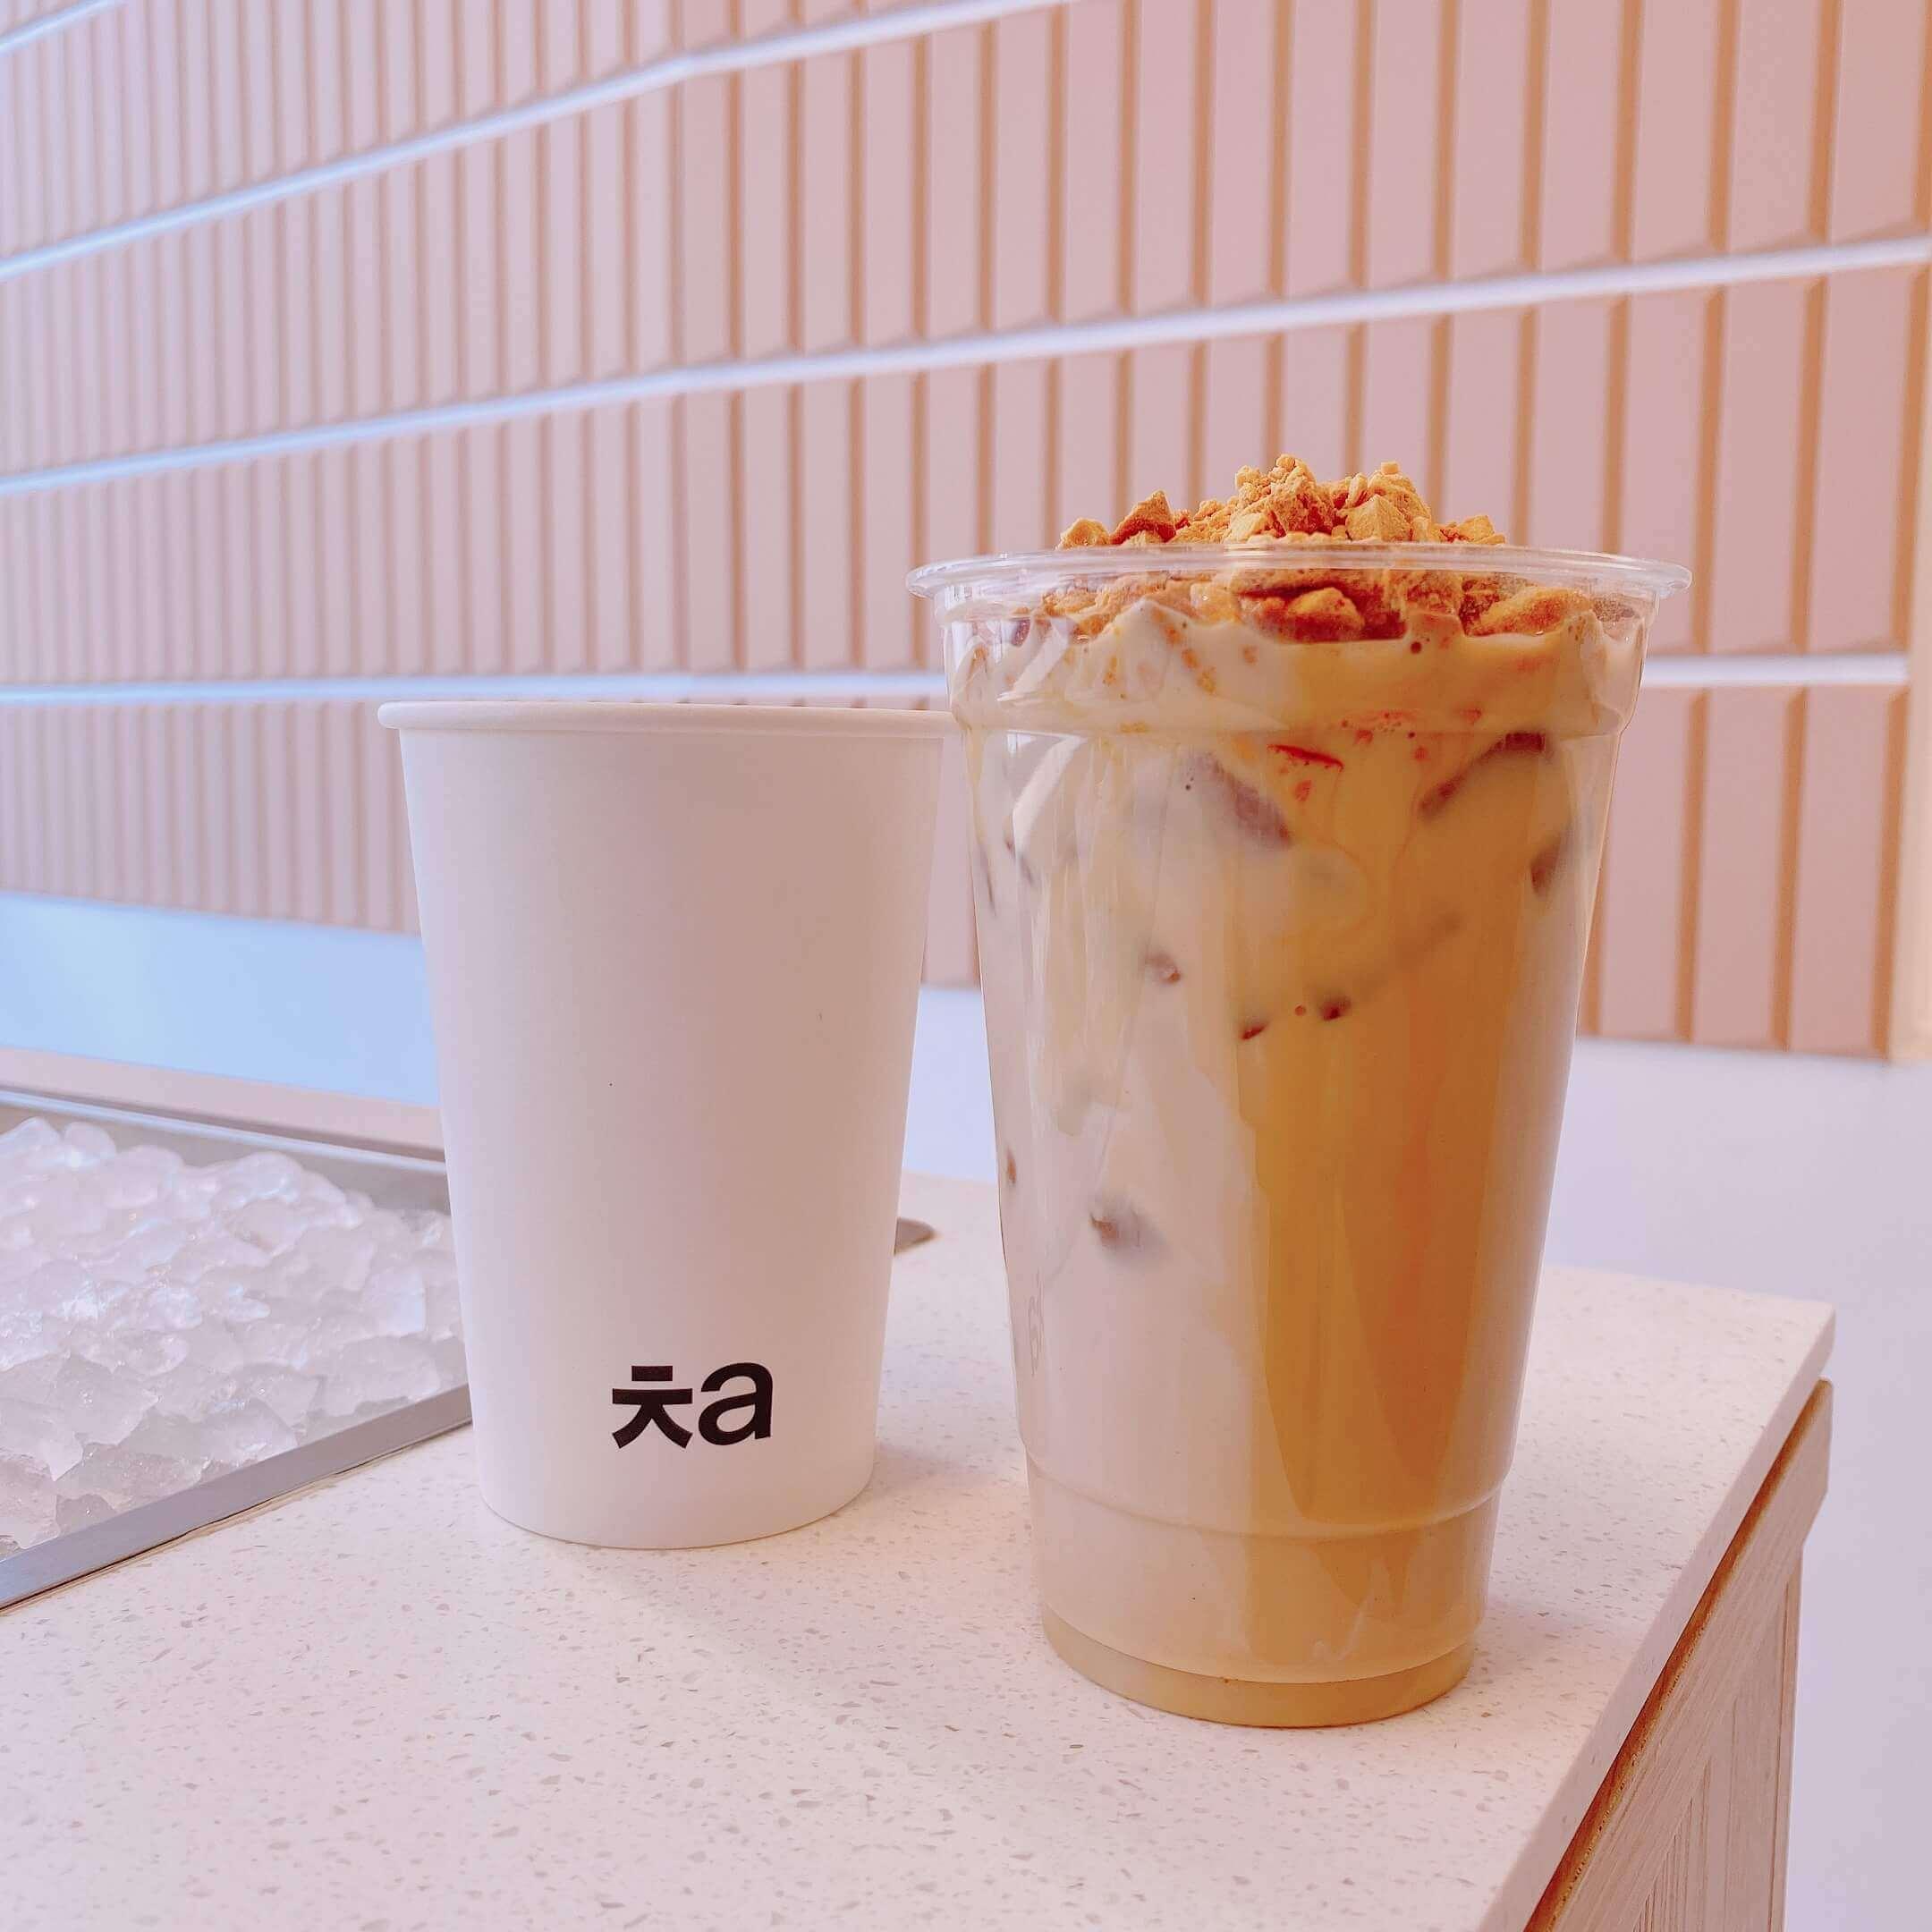 Cha Aoyama(チャ 青山)のタルゴナミルクティー/¥648(税込み)